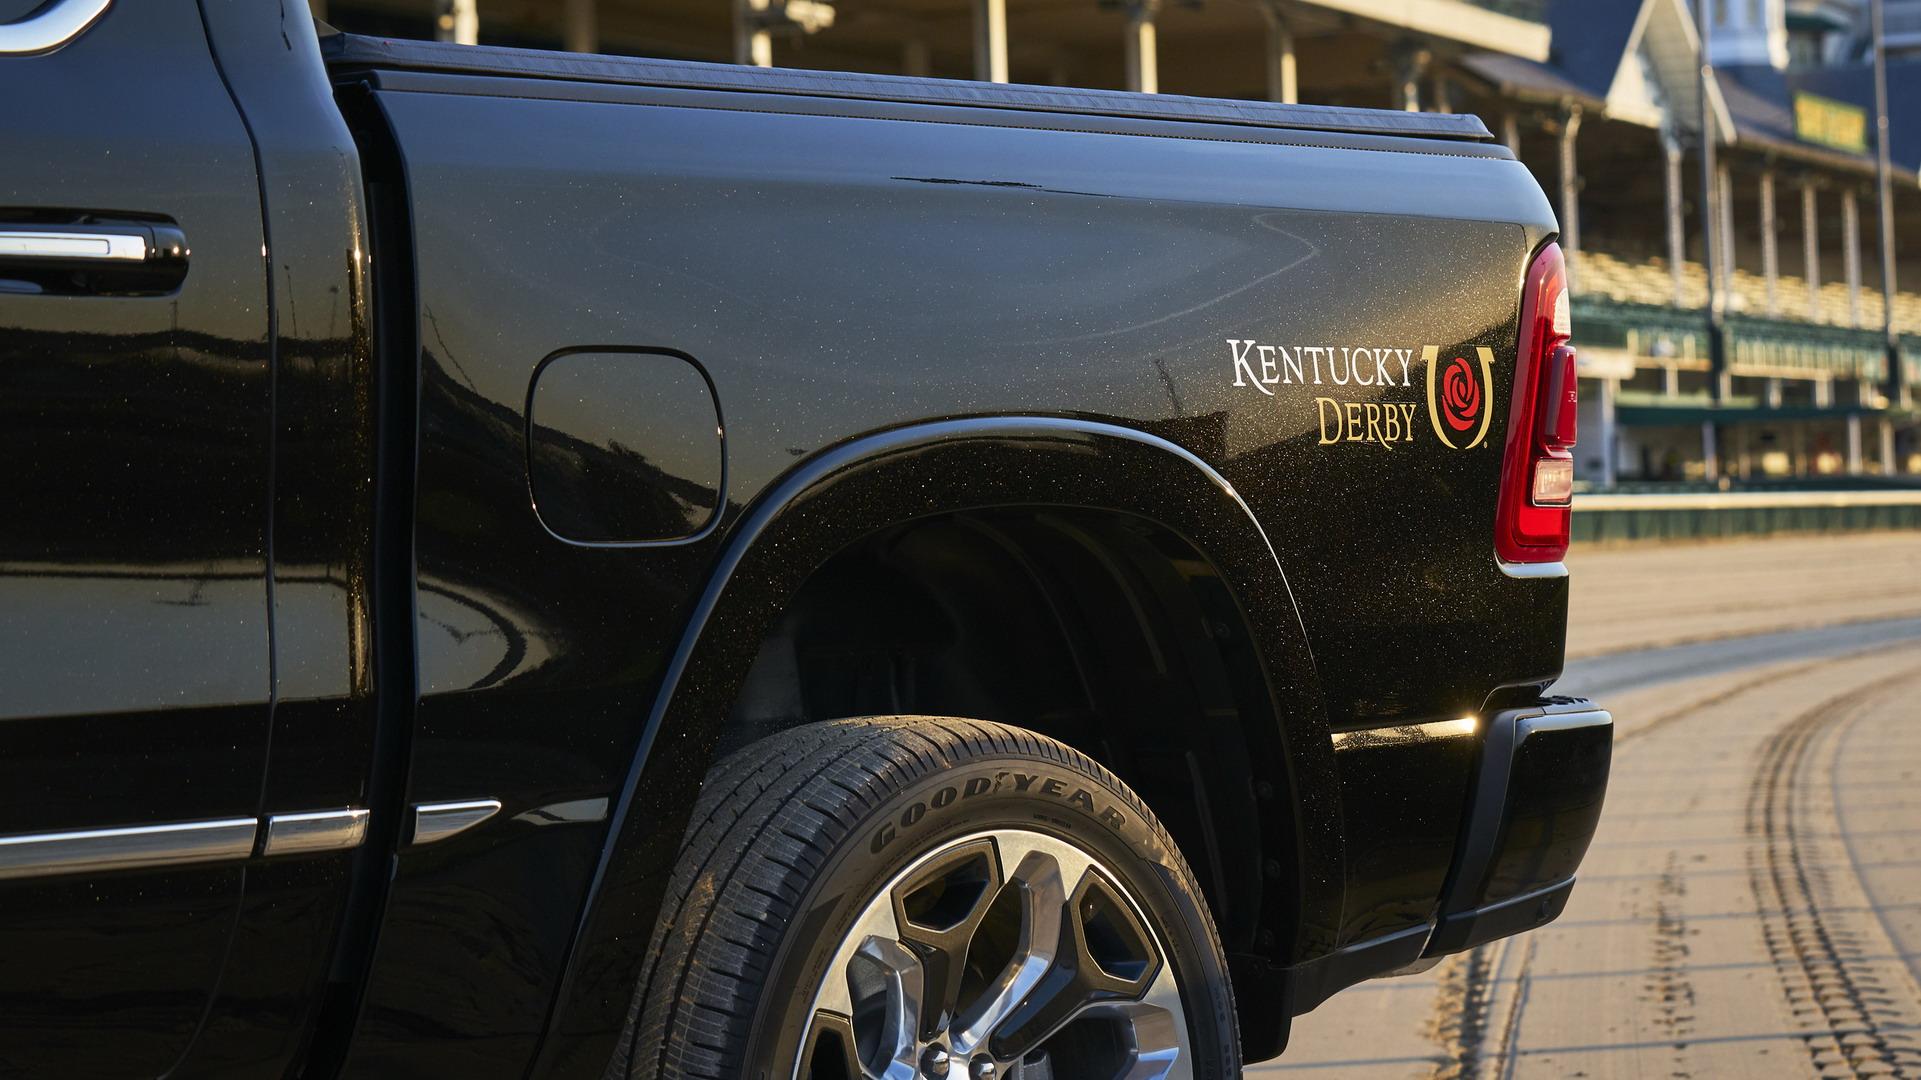 Ram_1500_Kentucky_Derby_Edition_0007